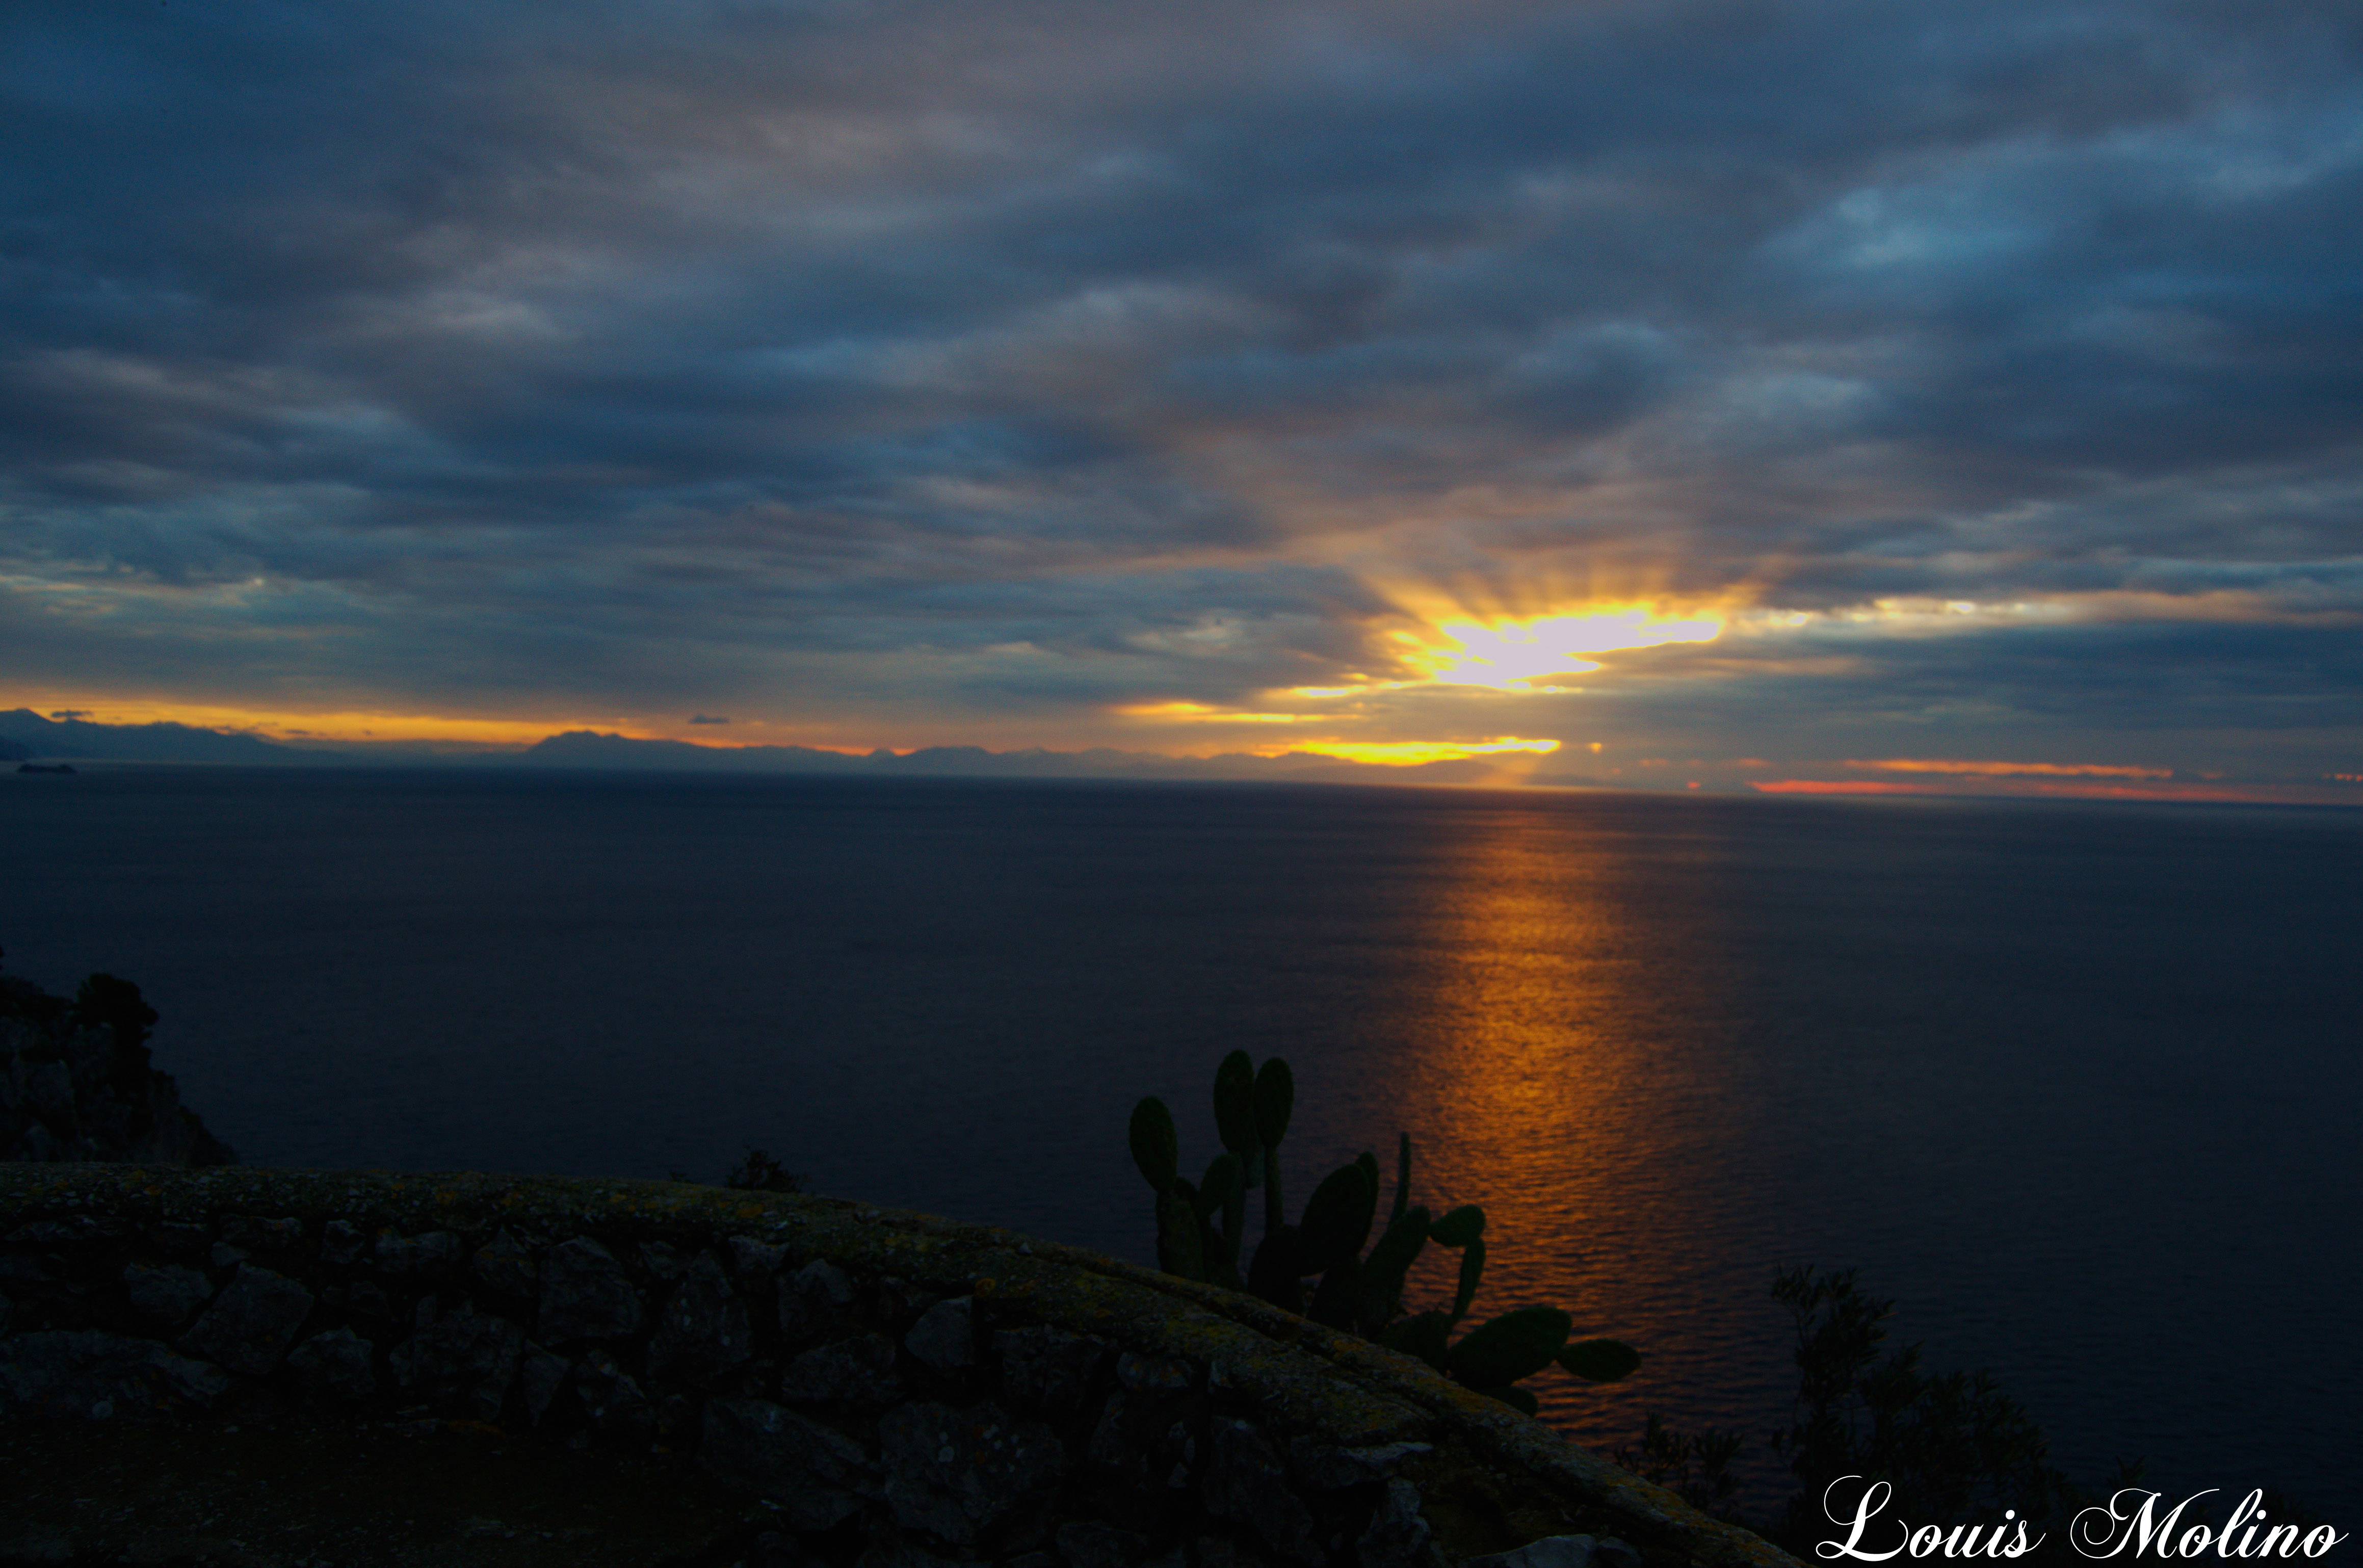 Meteo Capri: Inizio settimana nuvoloso con temporali e schiarite, le previsioni complete per Lunedì 11 Settembre 2017